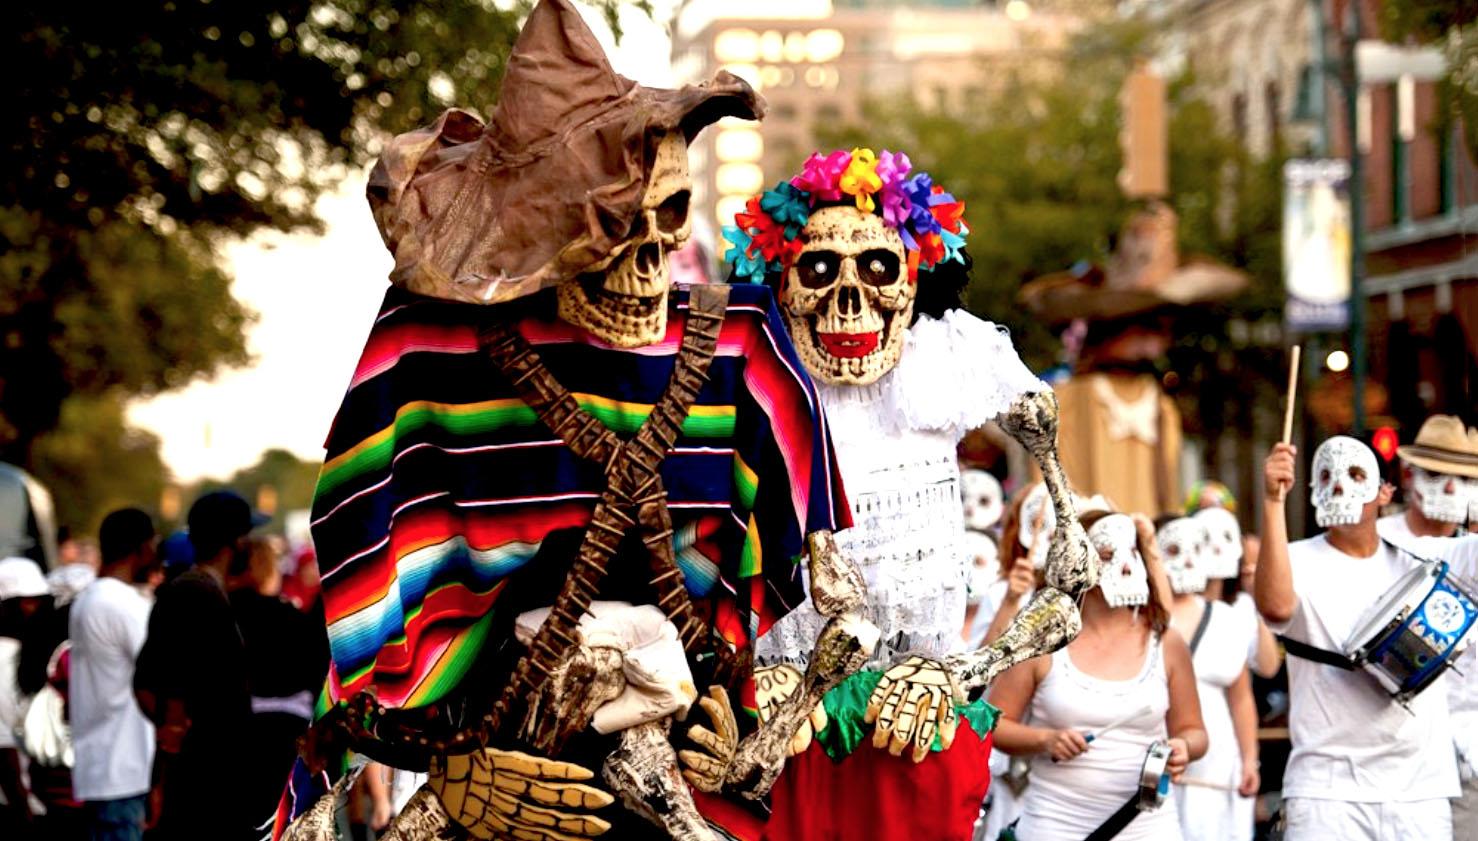 Image of 36th Annual Viva La Vida Parade & Festival